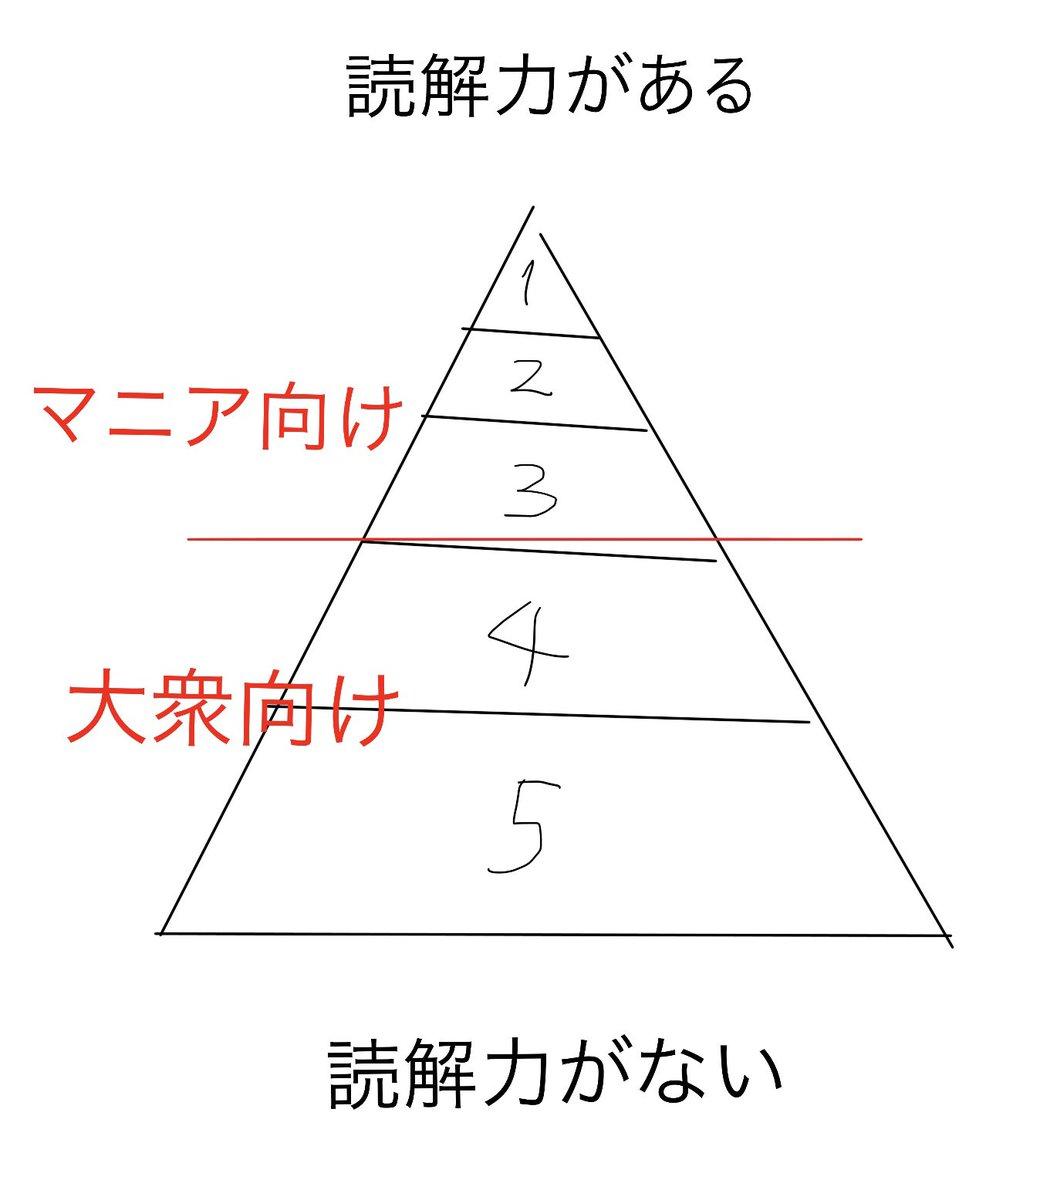 これ、同人だと意外と意識されてない作品のターゲティングピラミッドなんですけど、見てわかる通り人類を...